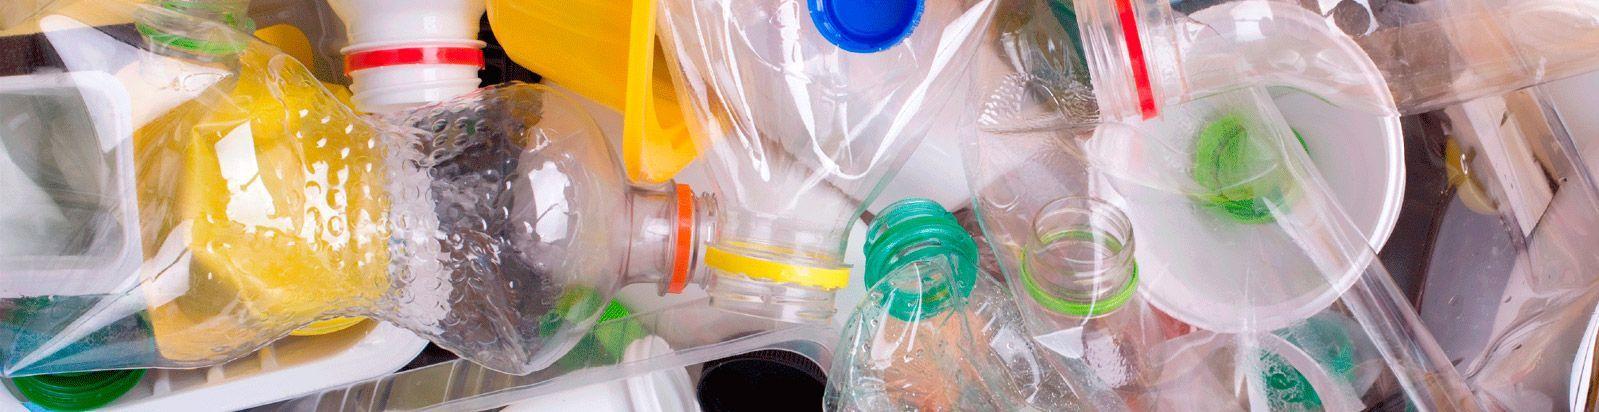 Recuperación De Plastico En Madrid